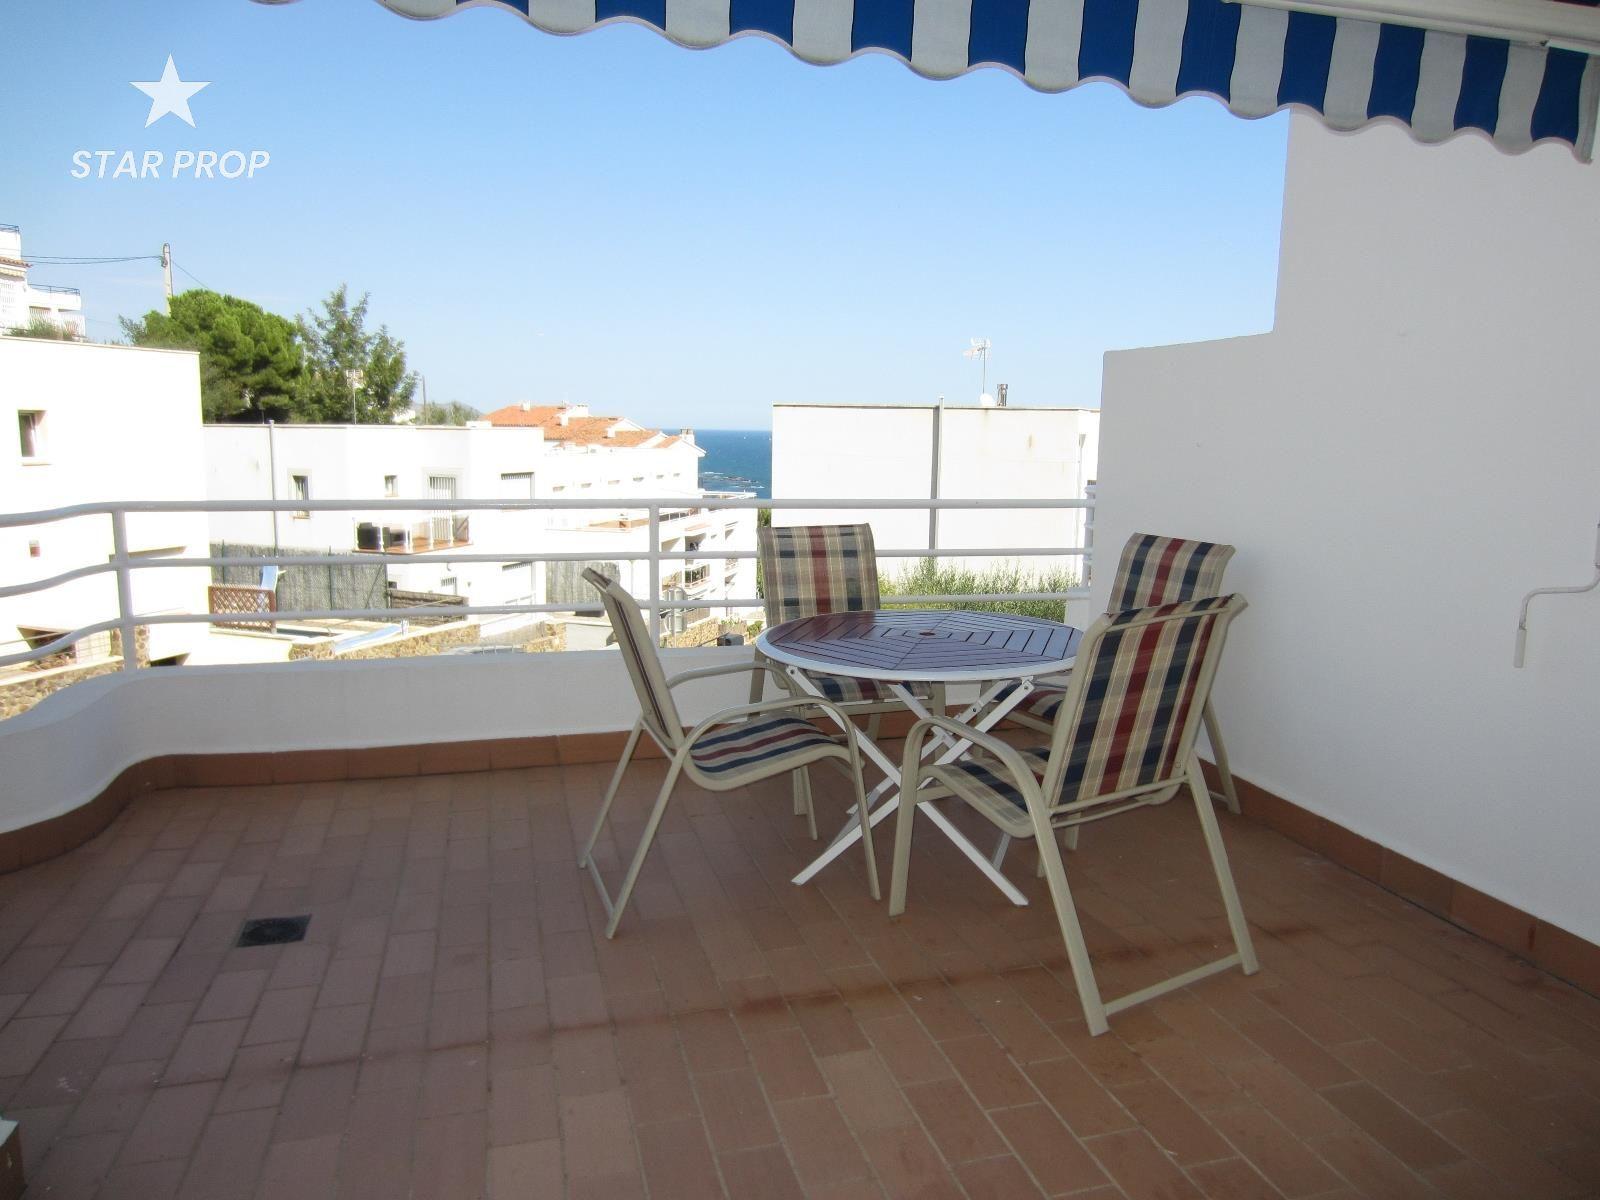 Meuble Salle De Bain Girona appartement en vente á llança, girona (fener) | ref: 3098